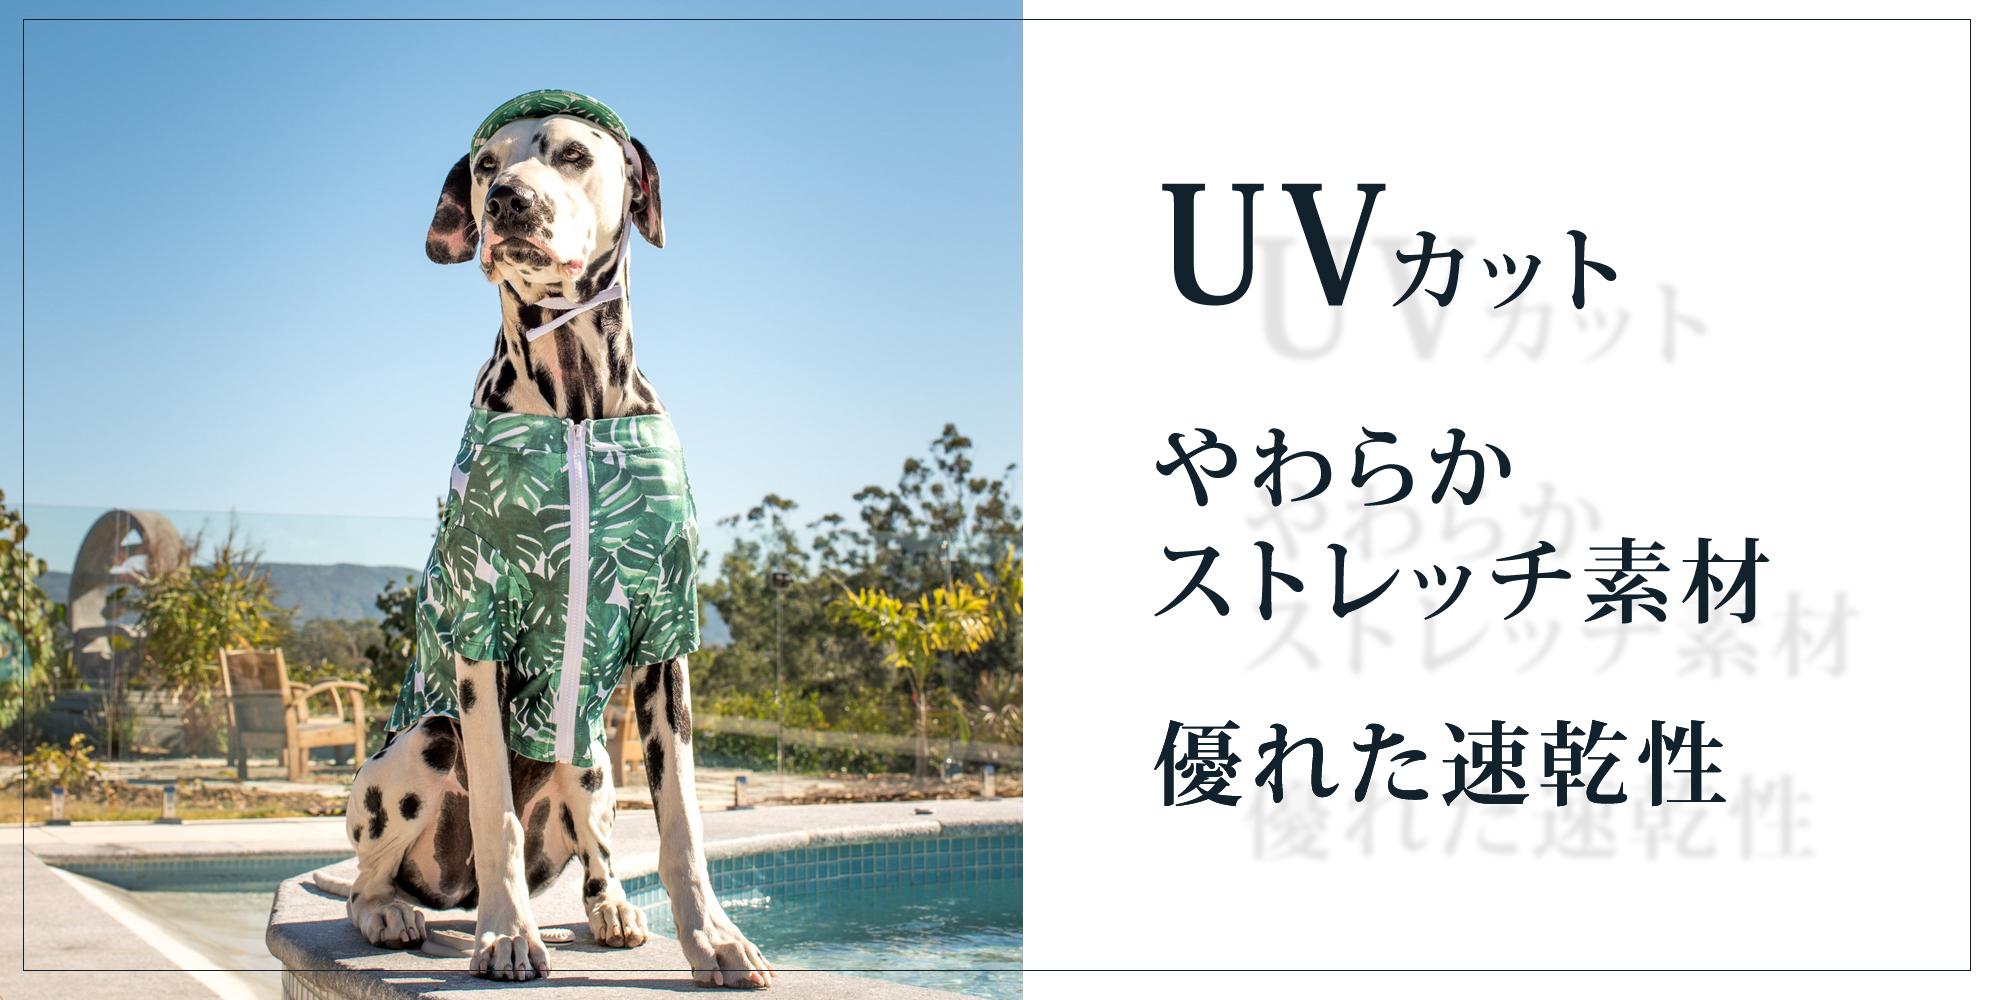 UVカットで紫外線対策に、優れた速乾性。気化熱でクールダウンにも。抜群の伸縮性で着脱楽々。